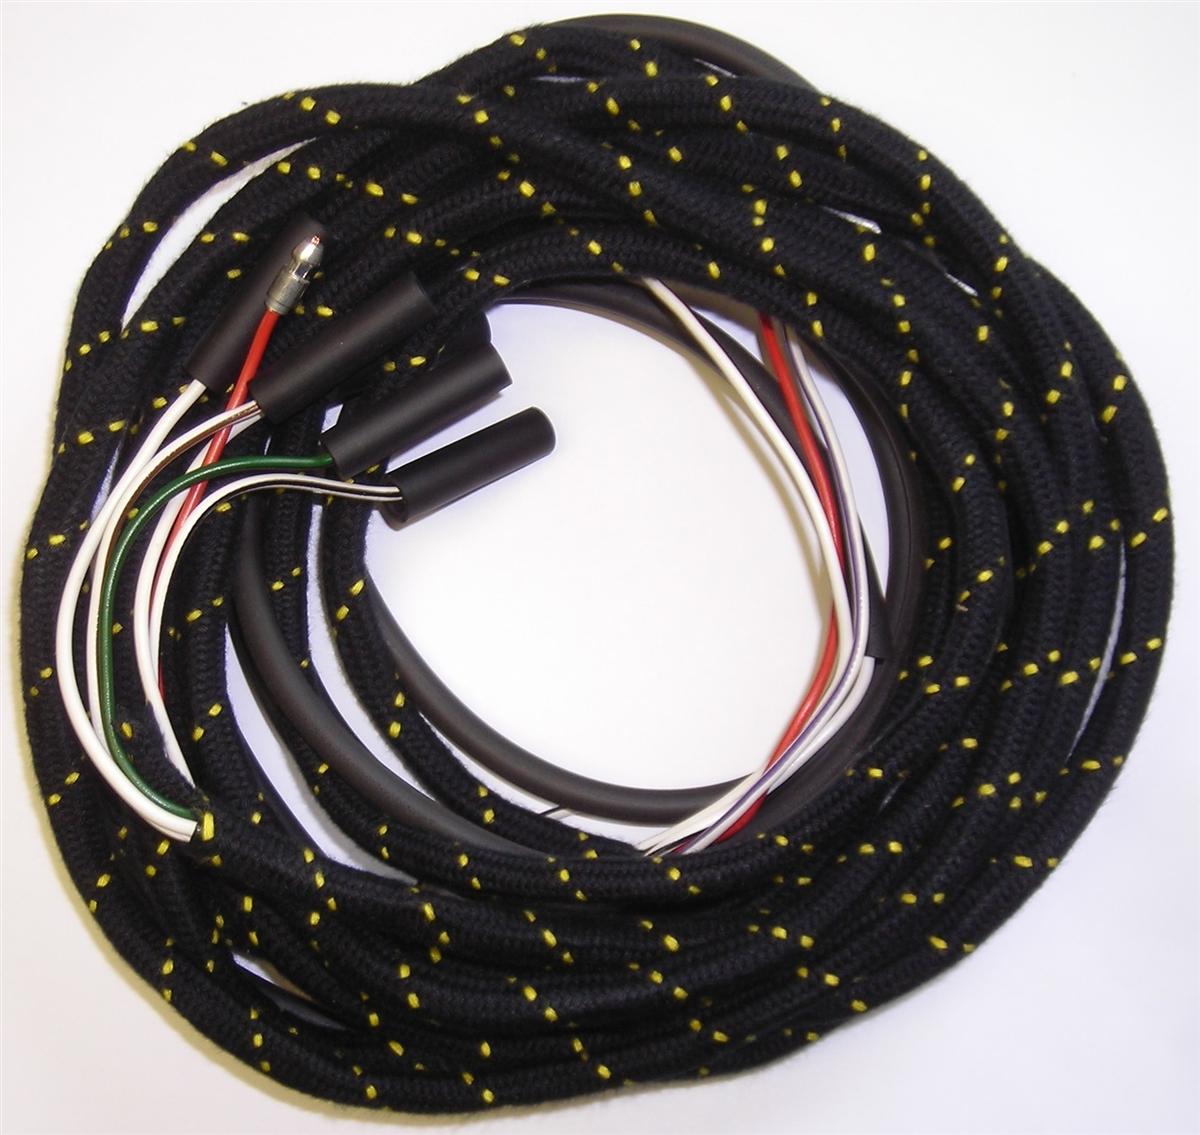 austin healey 3000 mk1 mk2 body harness bt7 bj7. Black Bedroom Furniture Sets. Home Design Ideas